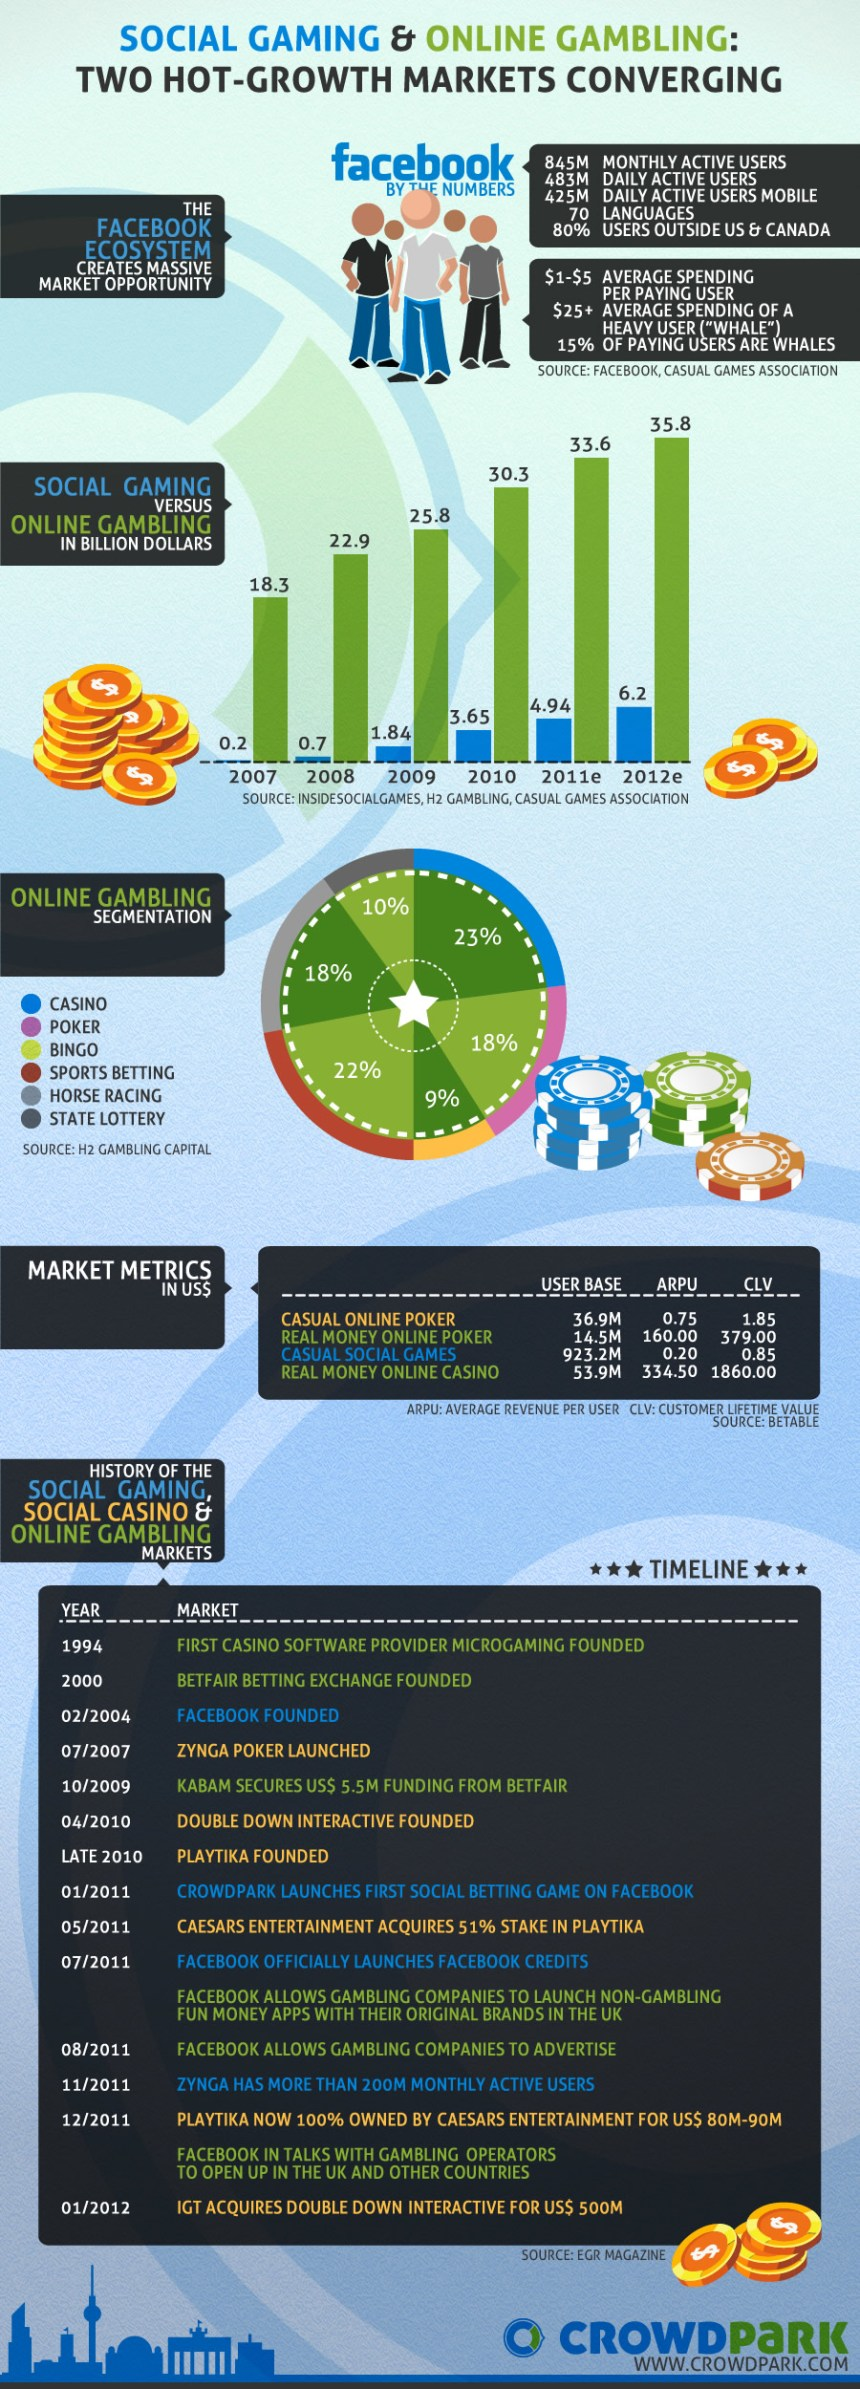 Juegos sociales y apuestas online son dos mercados convergentes